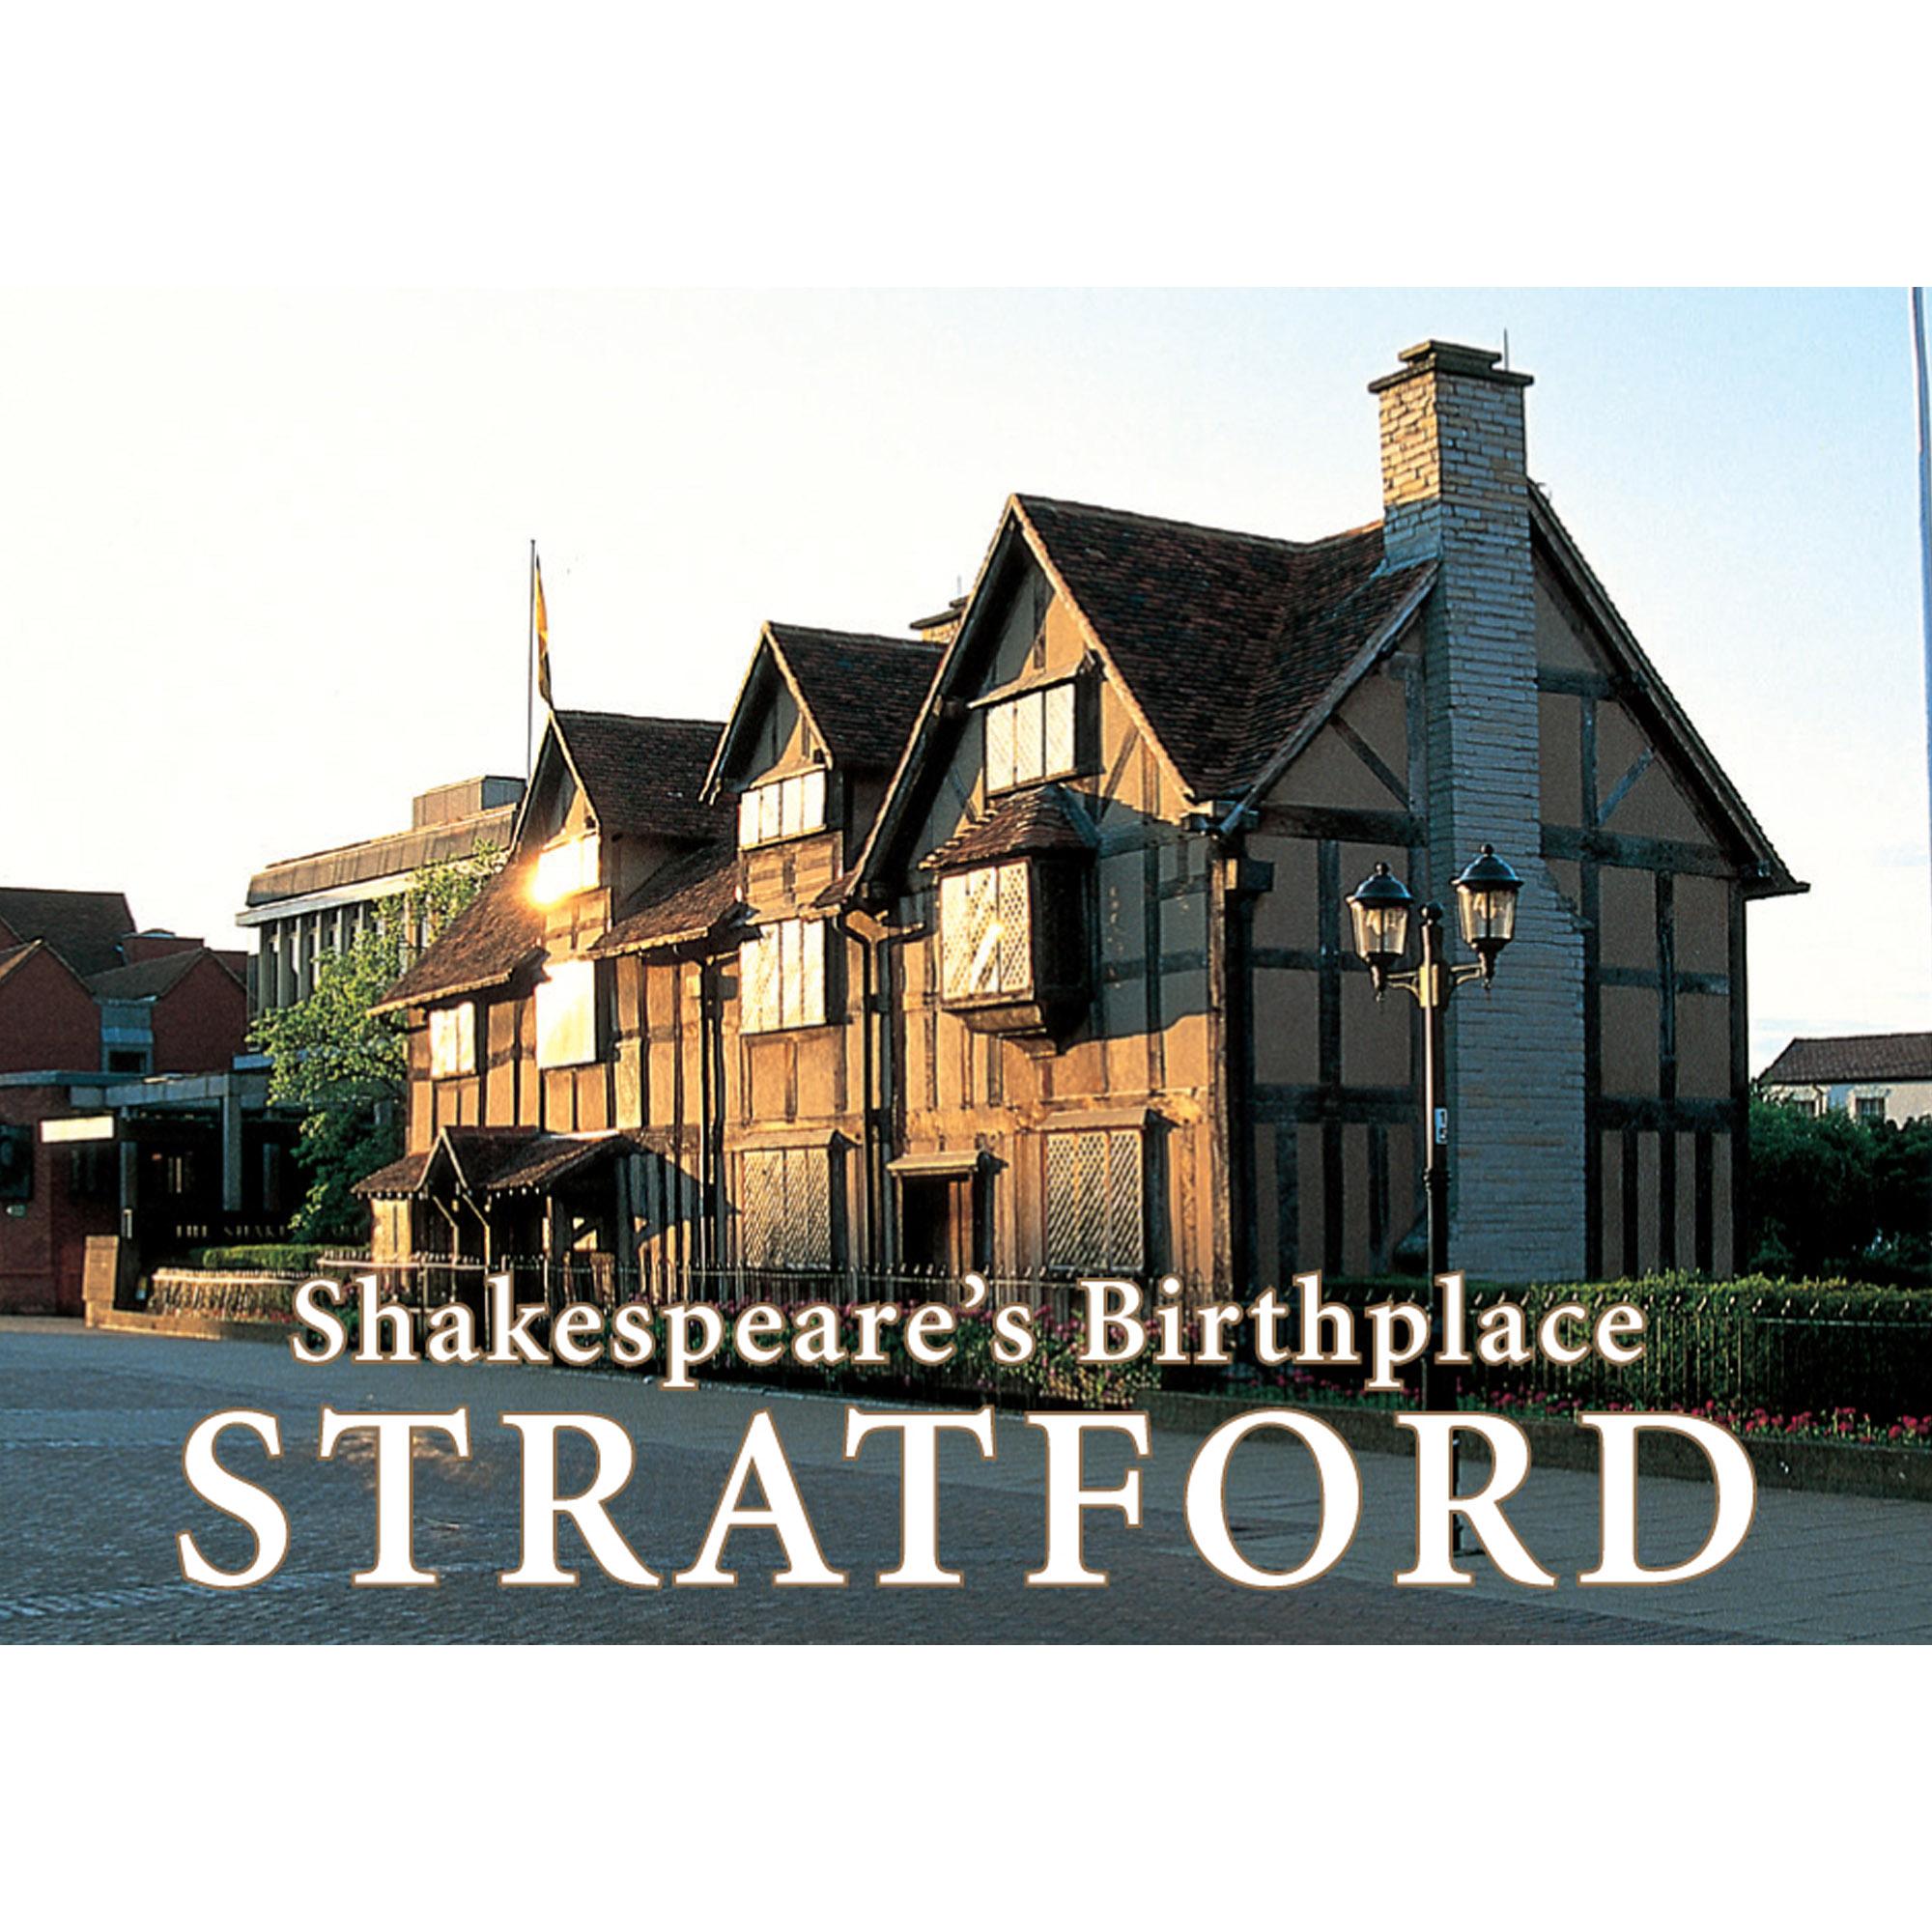 Stratford upon Avon fridge magnet